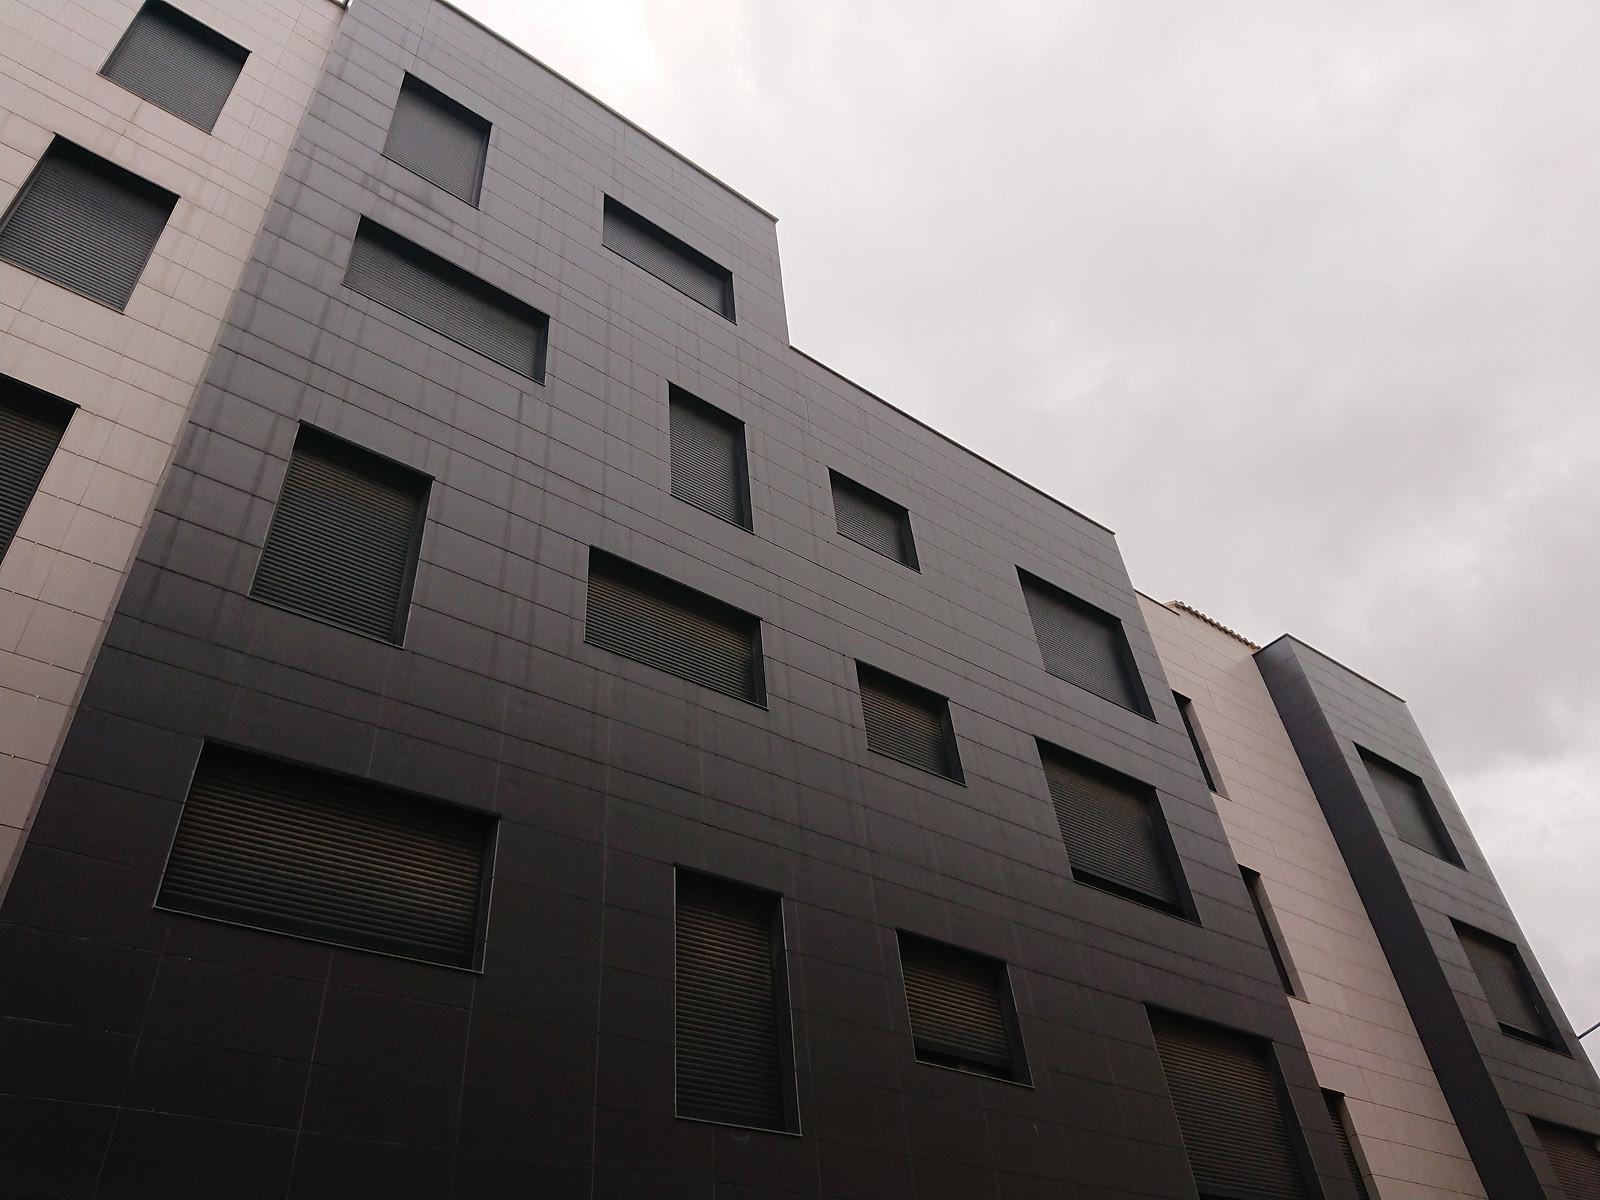 Foto de Sony Xperia XZ1 Compact, galería de fotos (2/22)